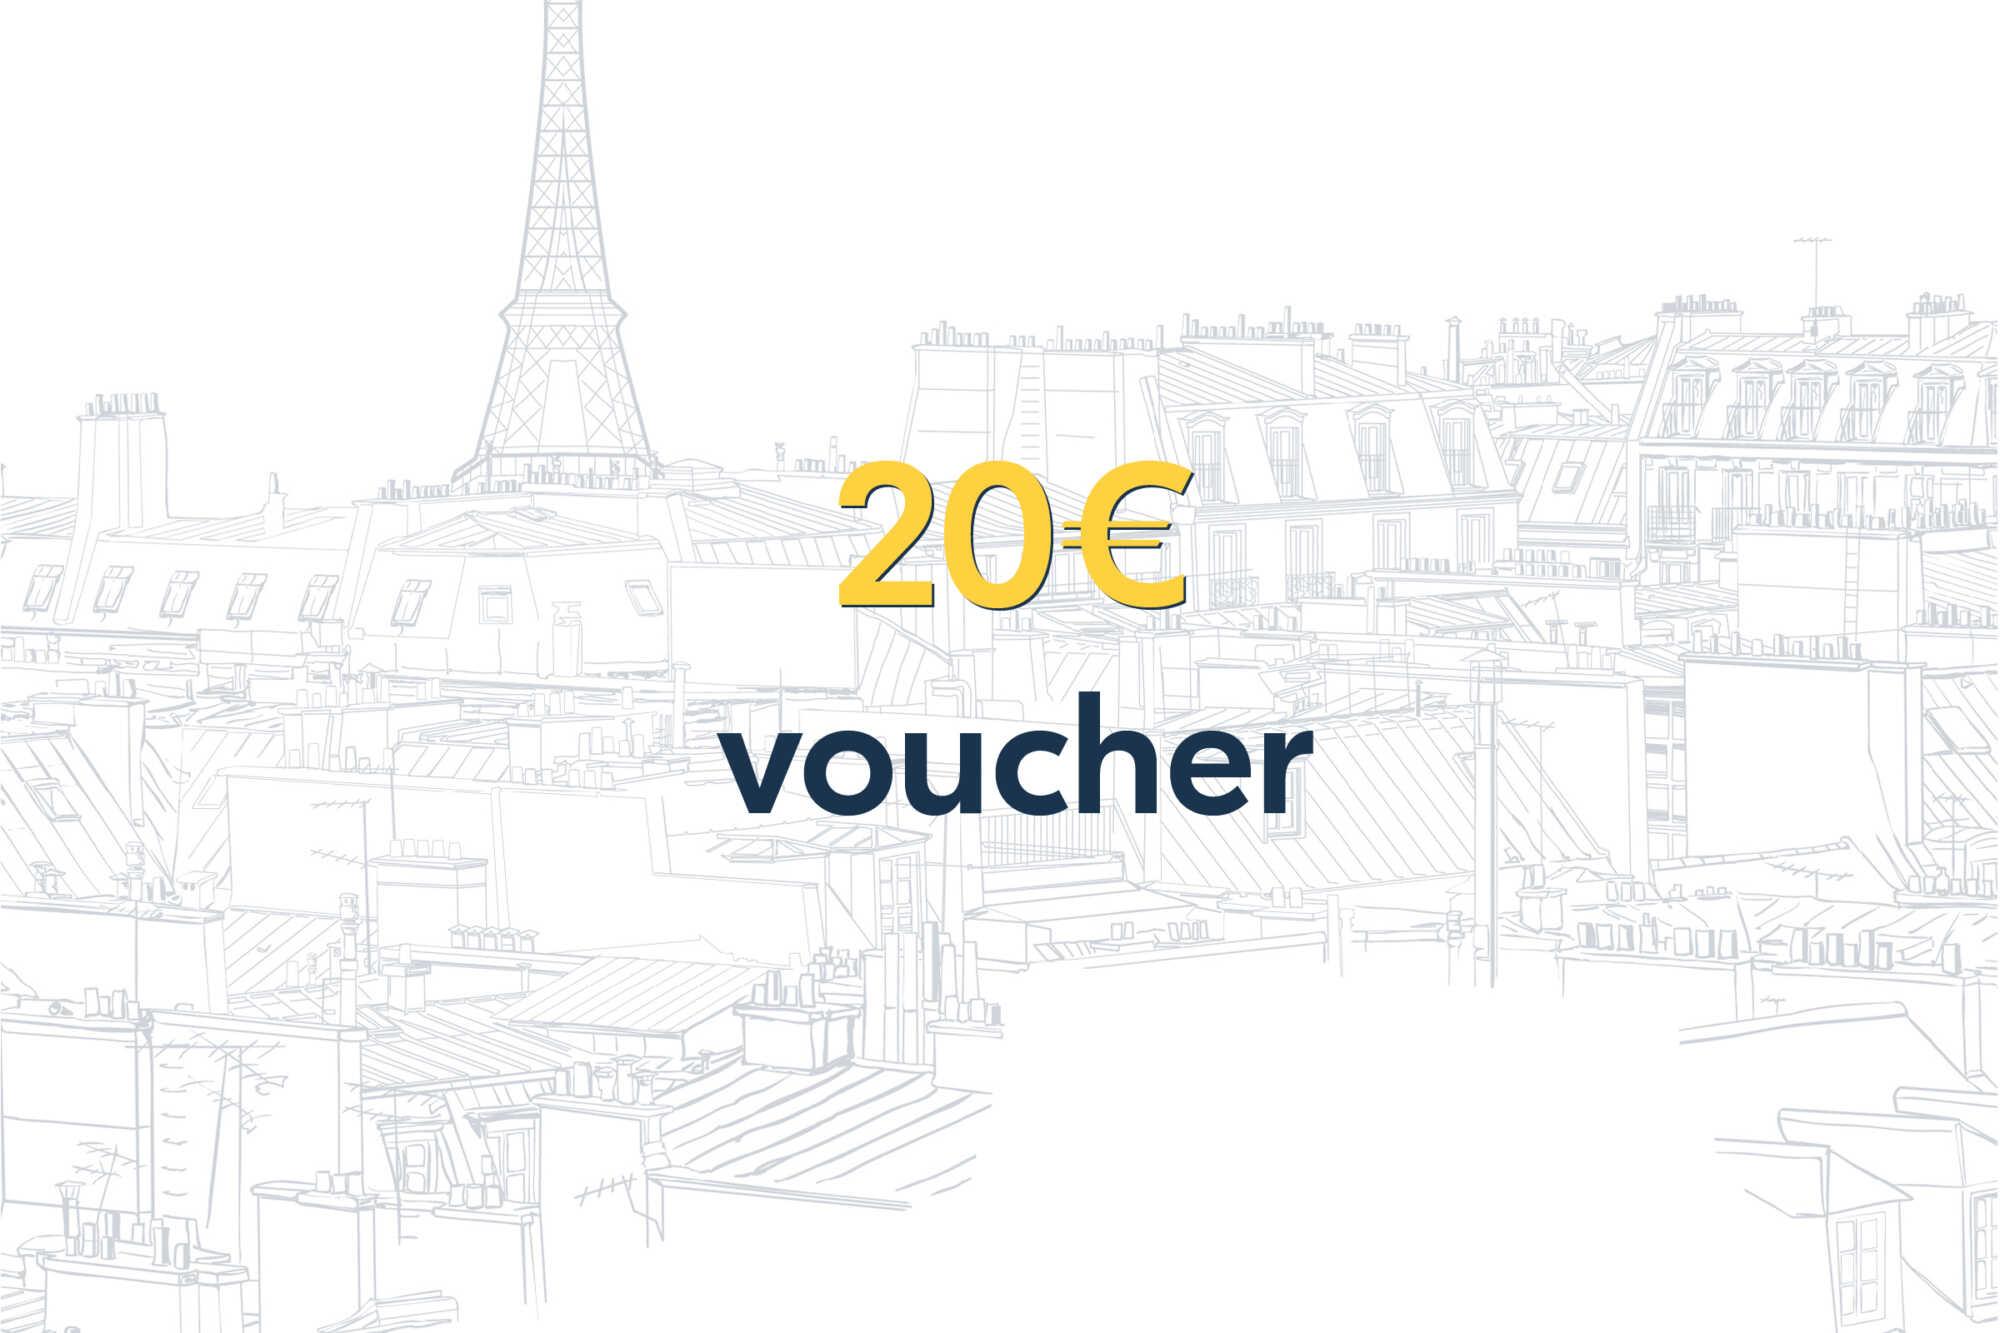 TheWaysBeyond - Voucher 20€